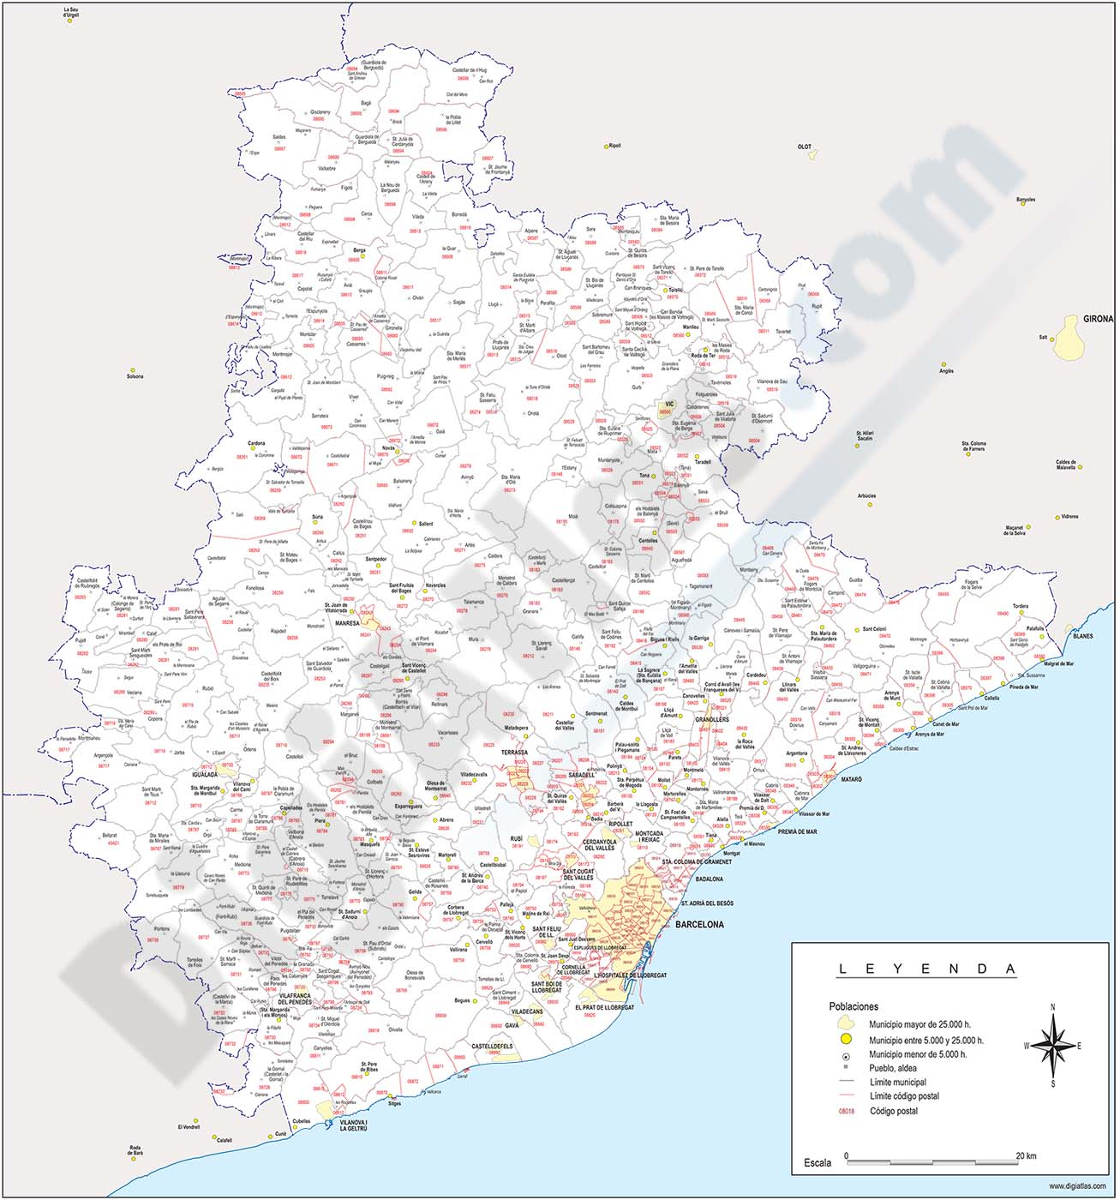 Barcelona - mapa provincial con municipios y Códigos Postales